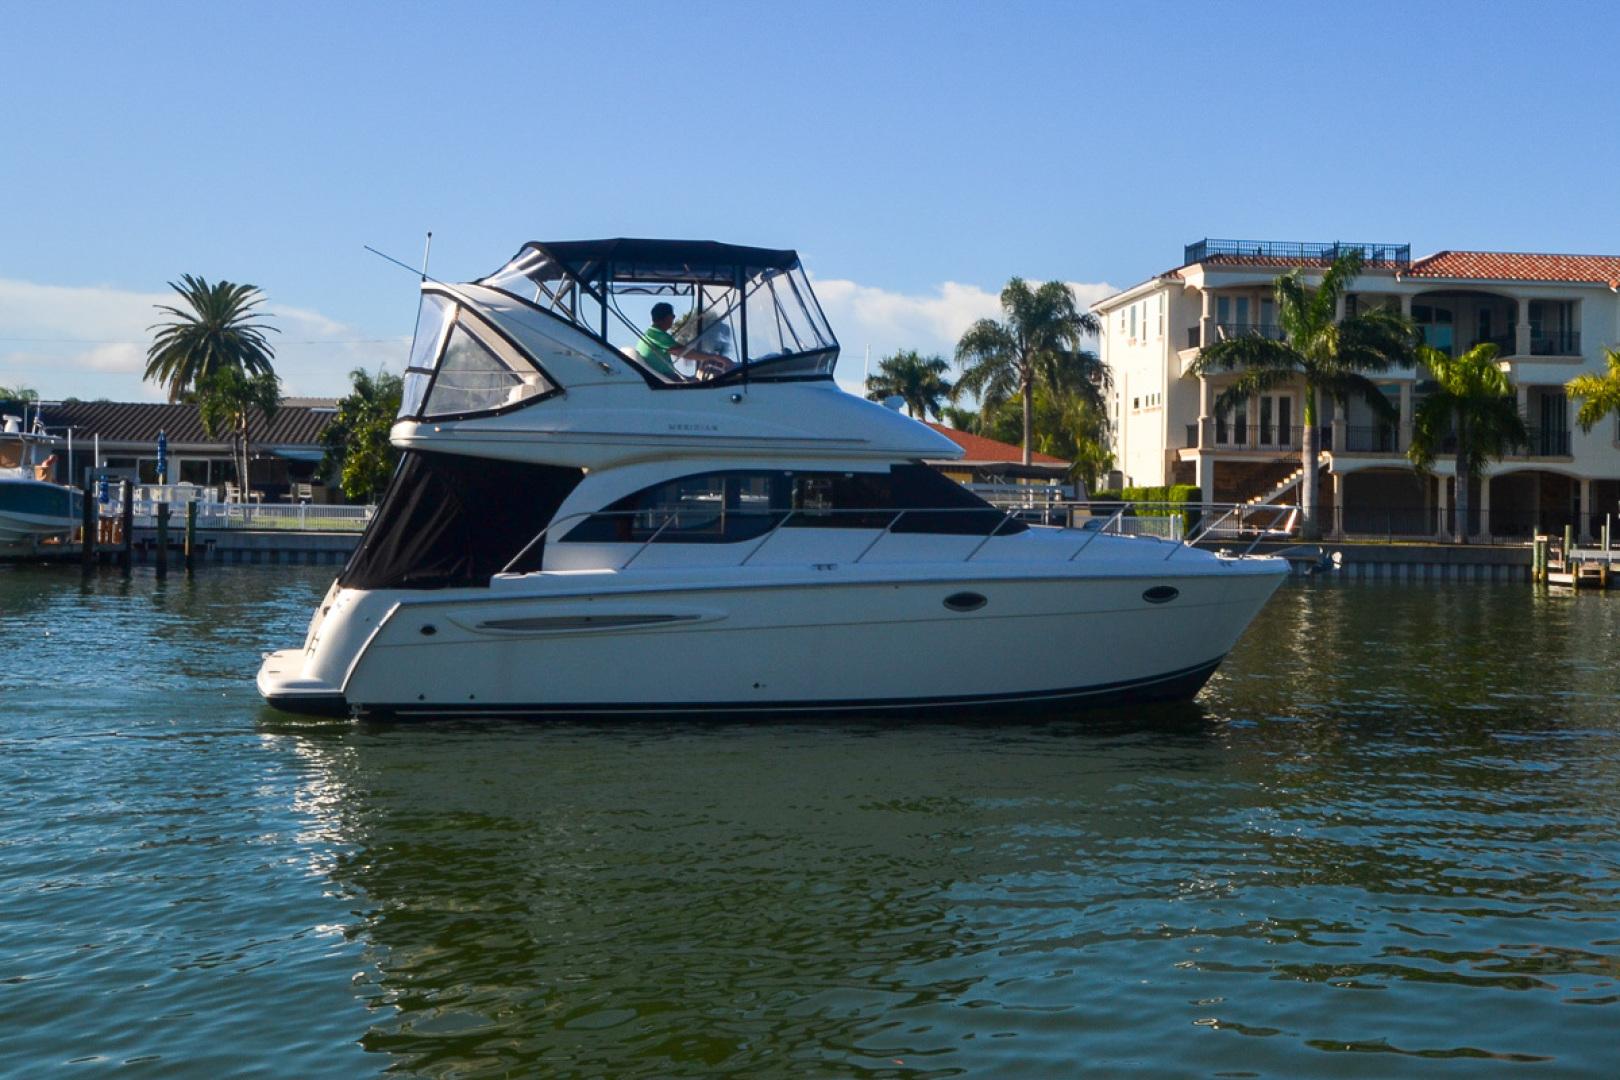 Meridian-341 Sedan 2004-Sea Harmony Belleair Beach-Florida-United States-1496584 | Thumbnail